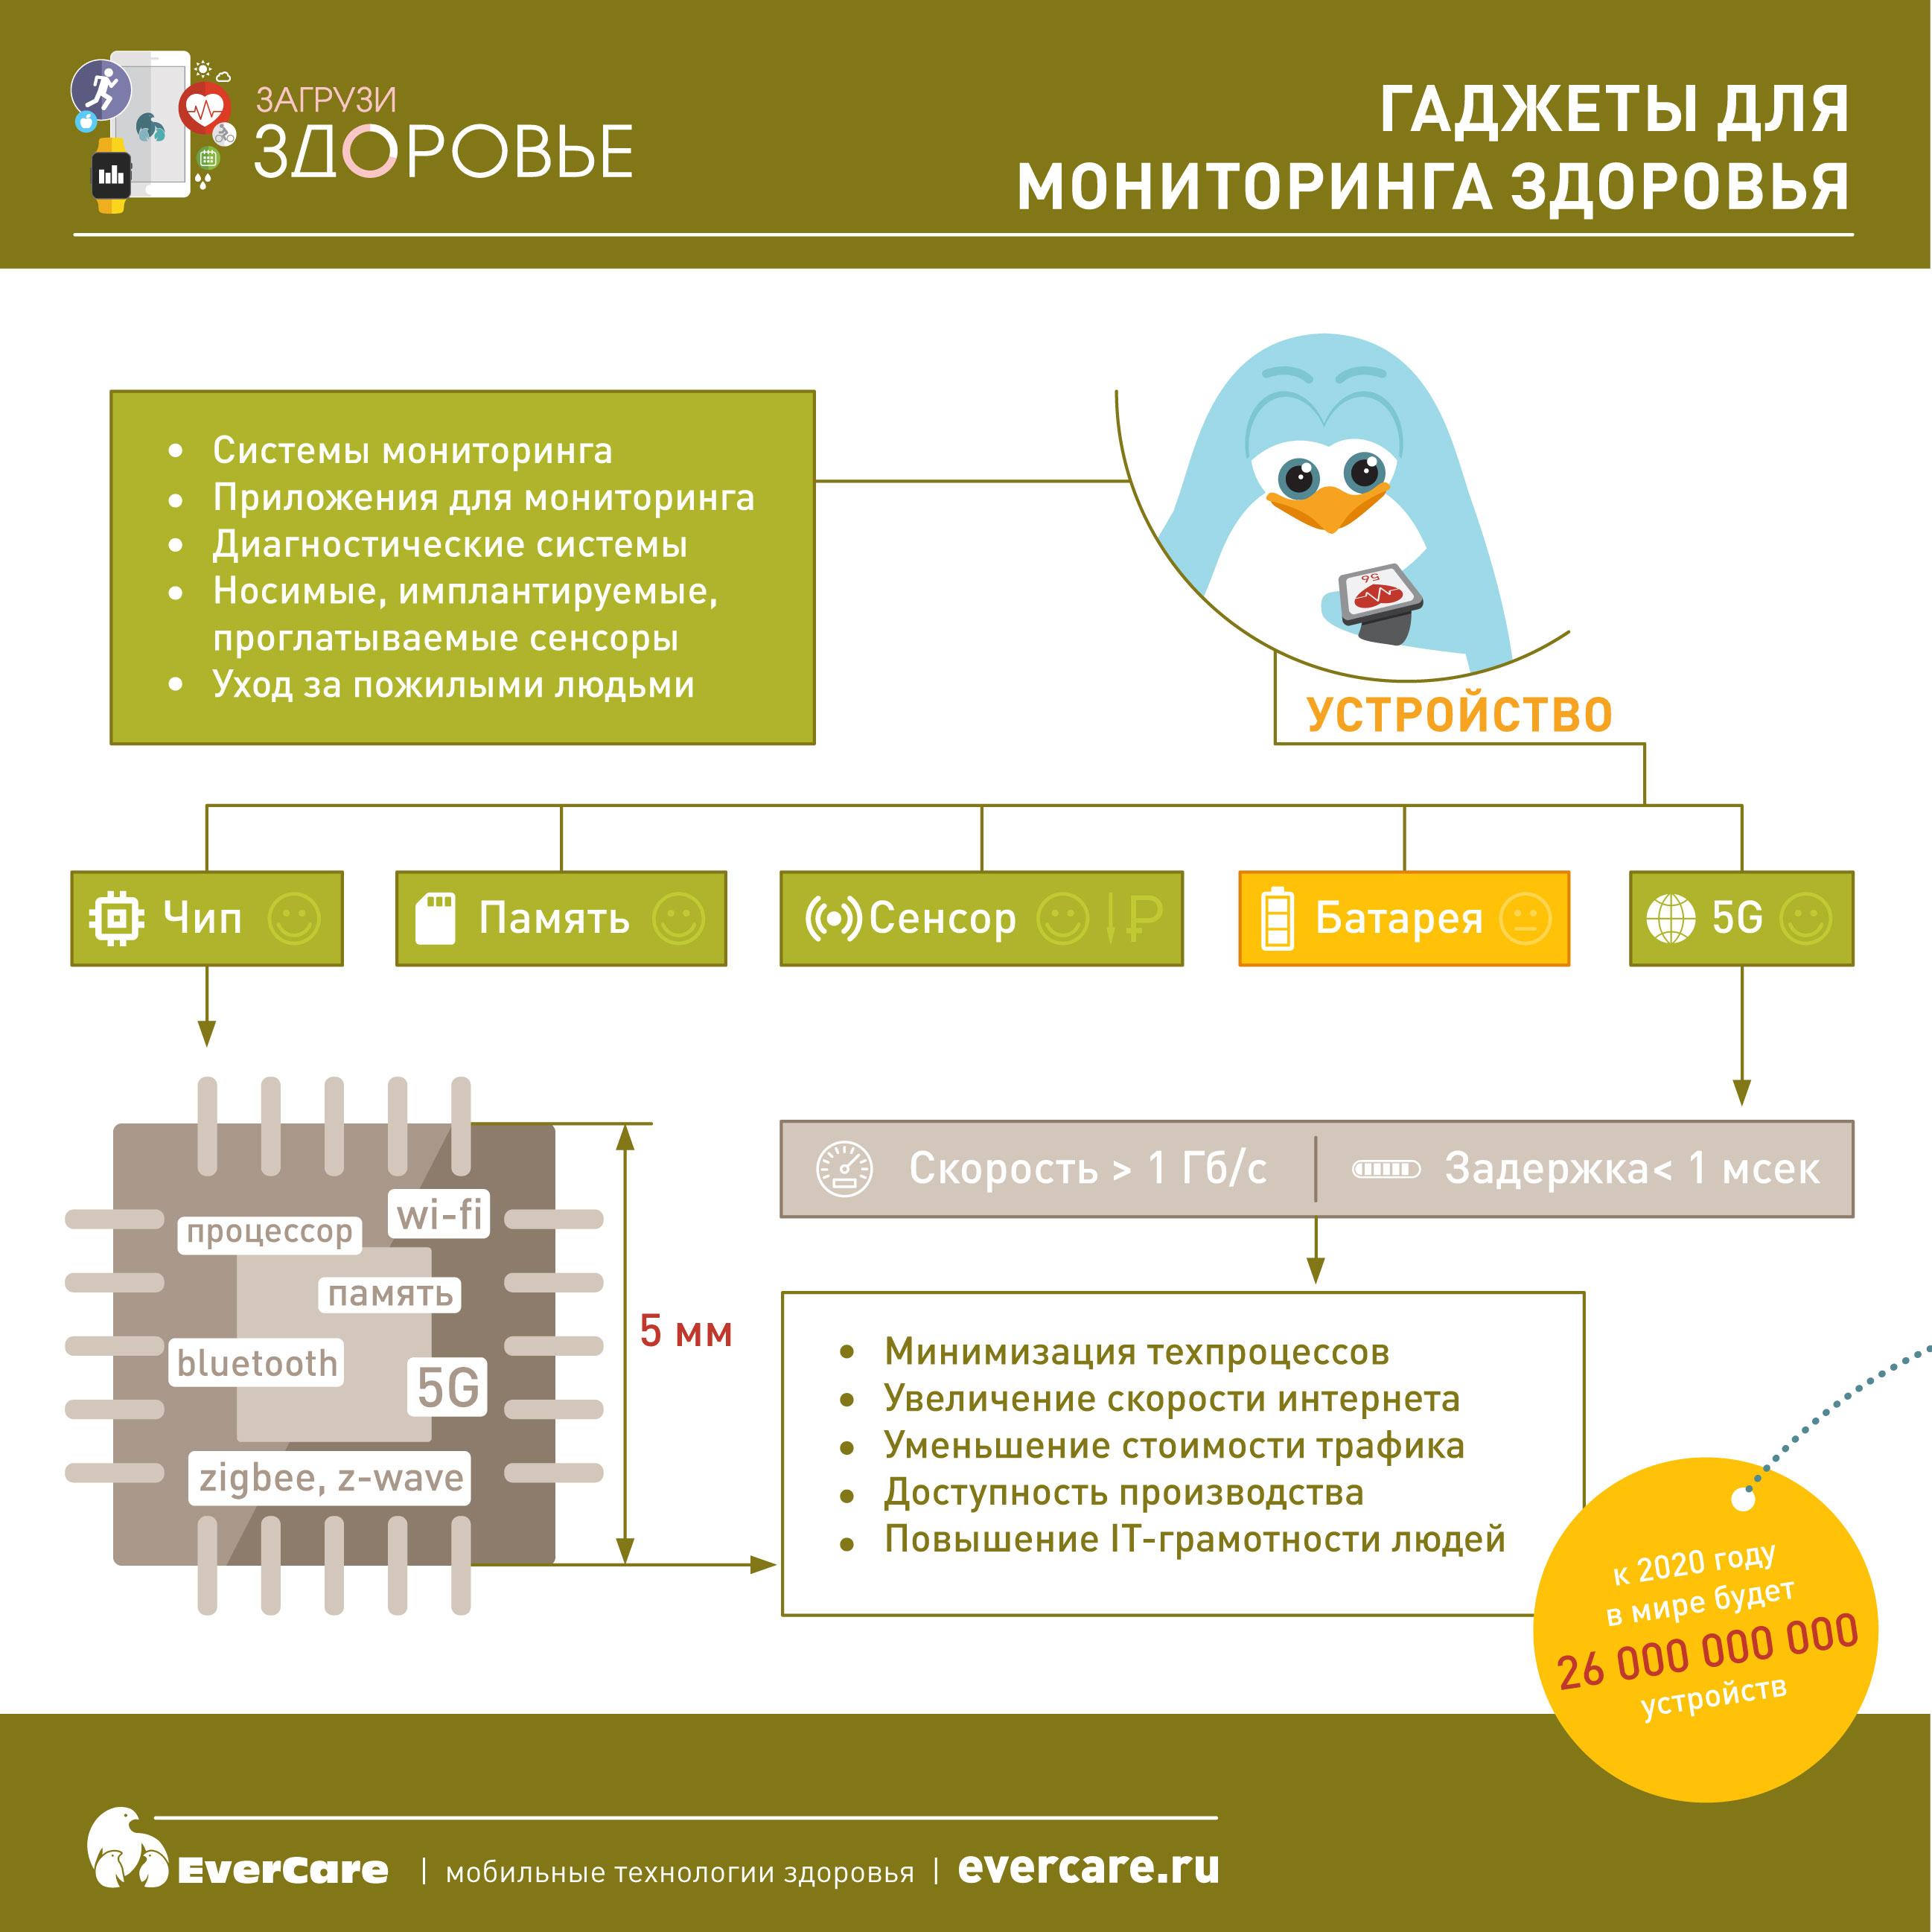 Гаджеты для мониторинга здоровья, Инфографика